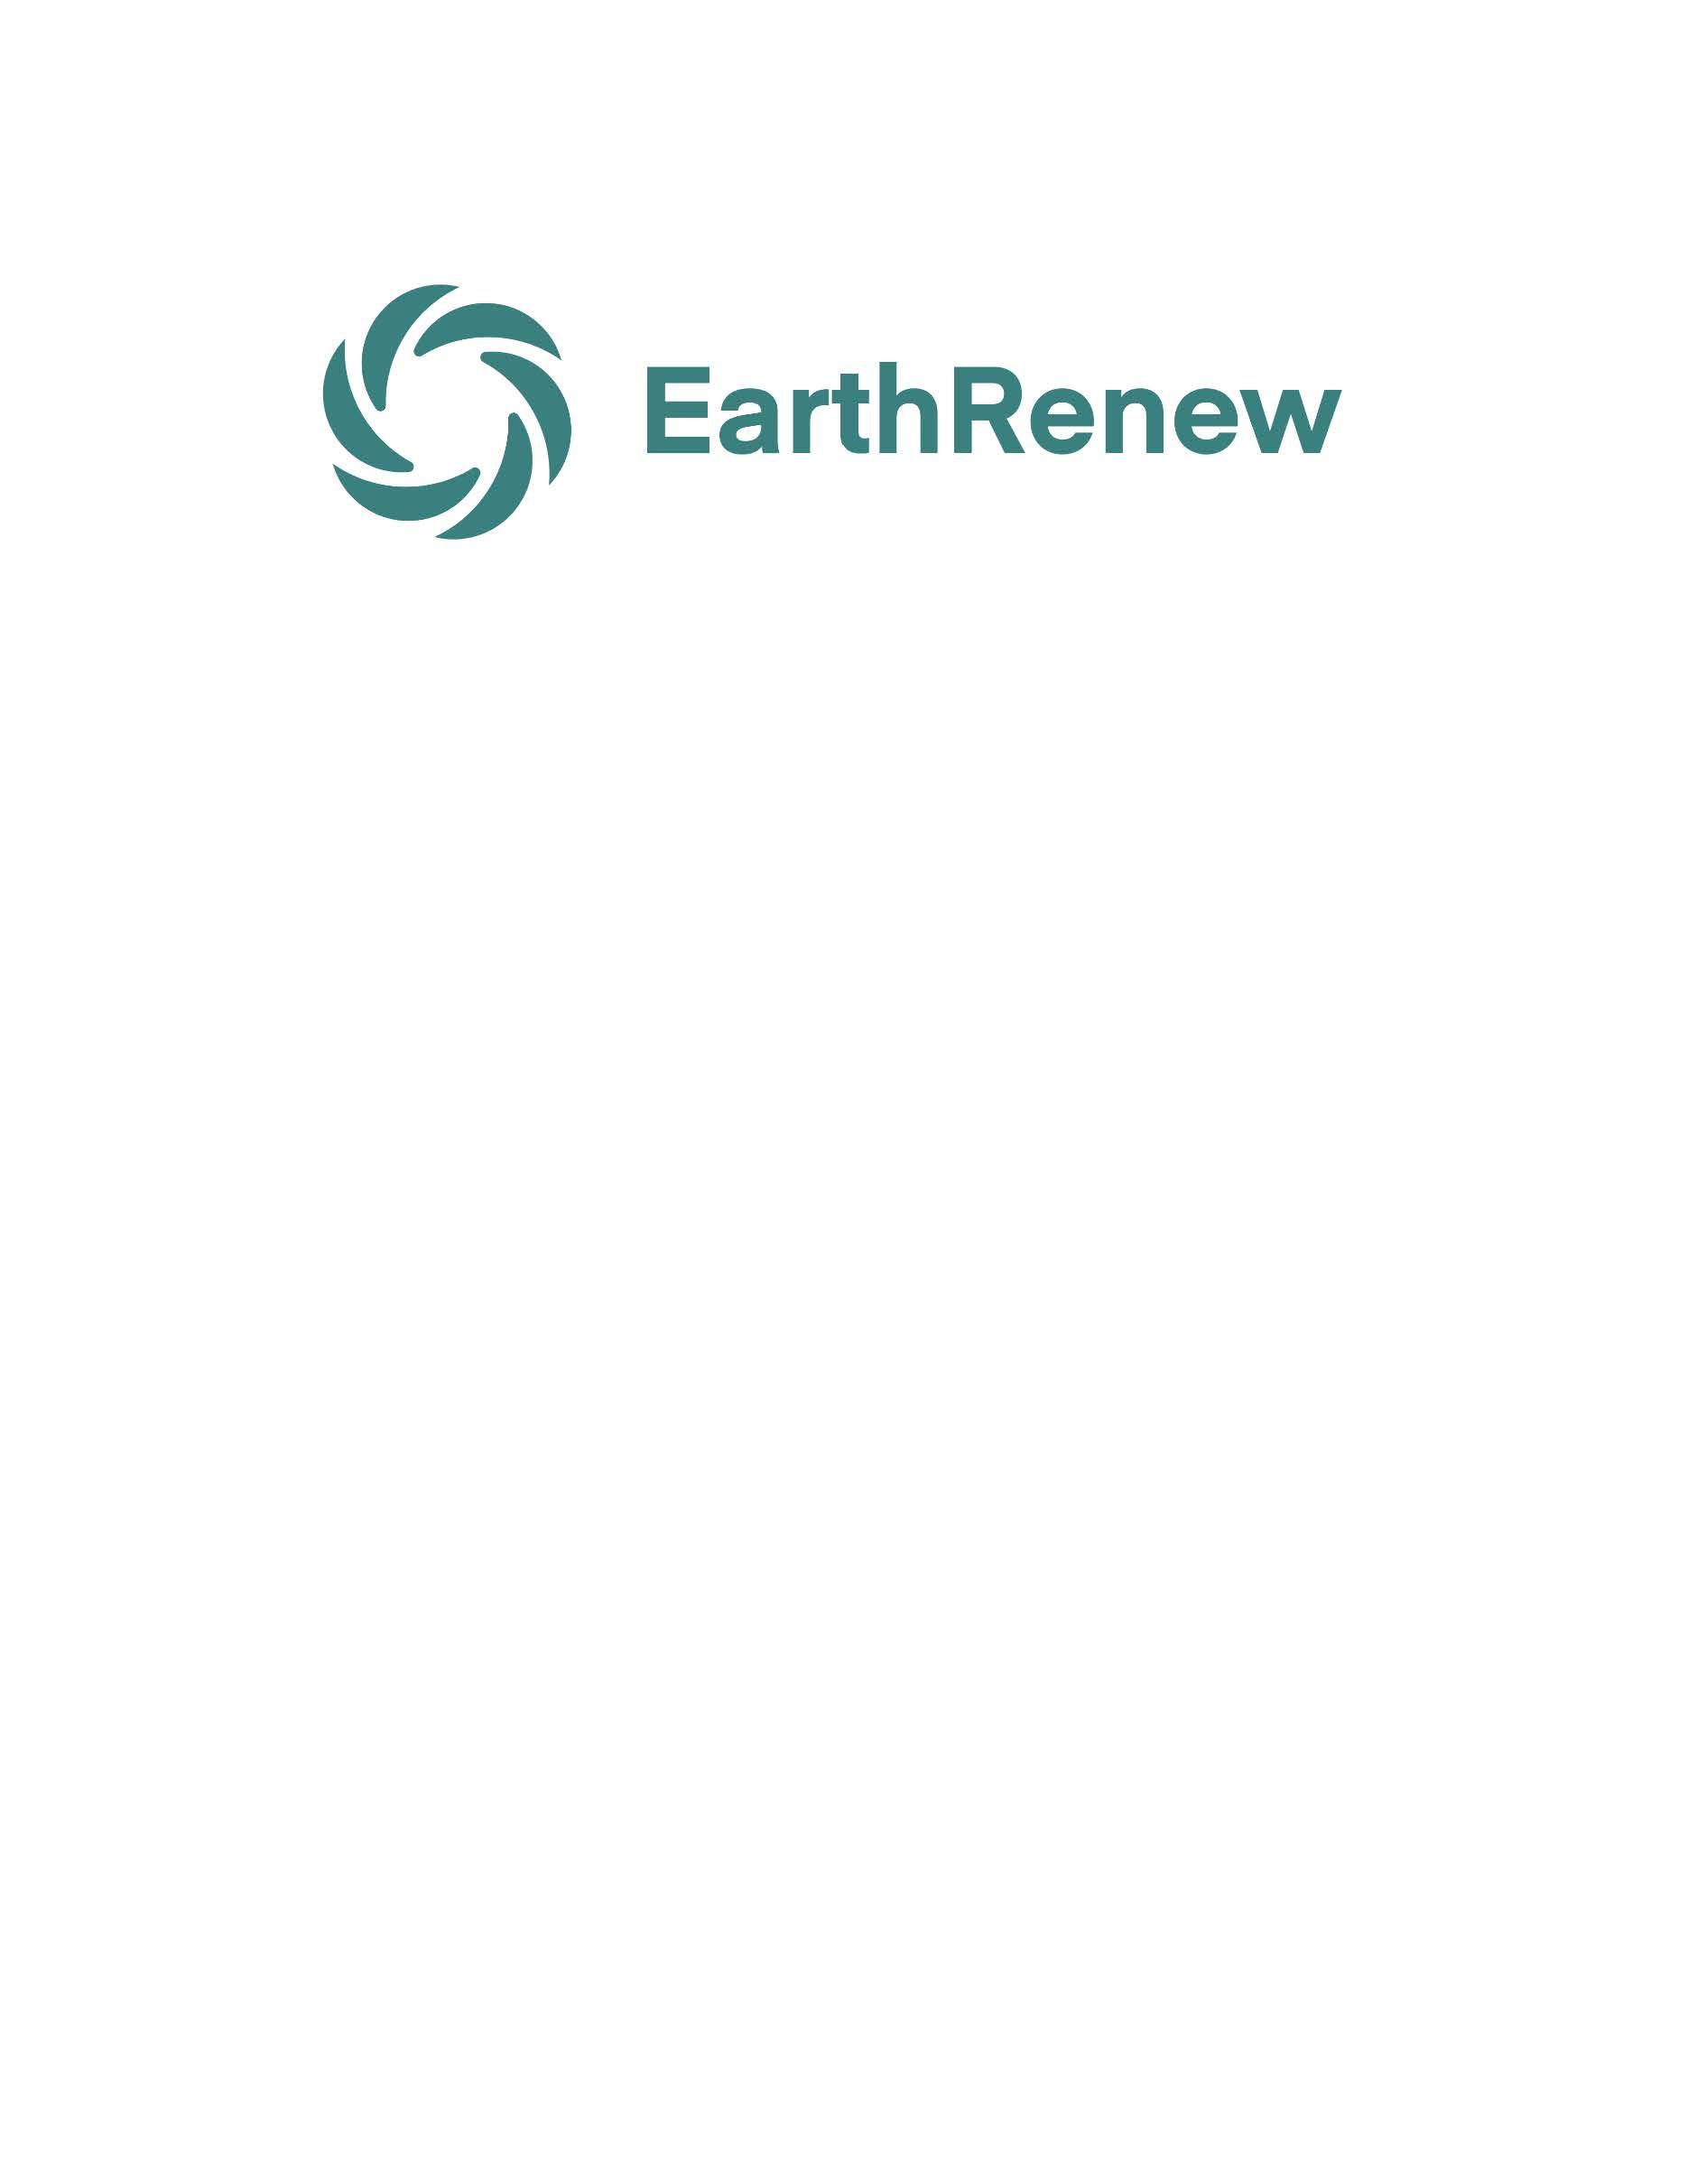 EarthRenew Inc.